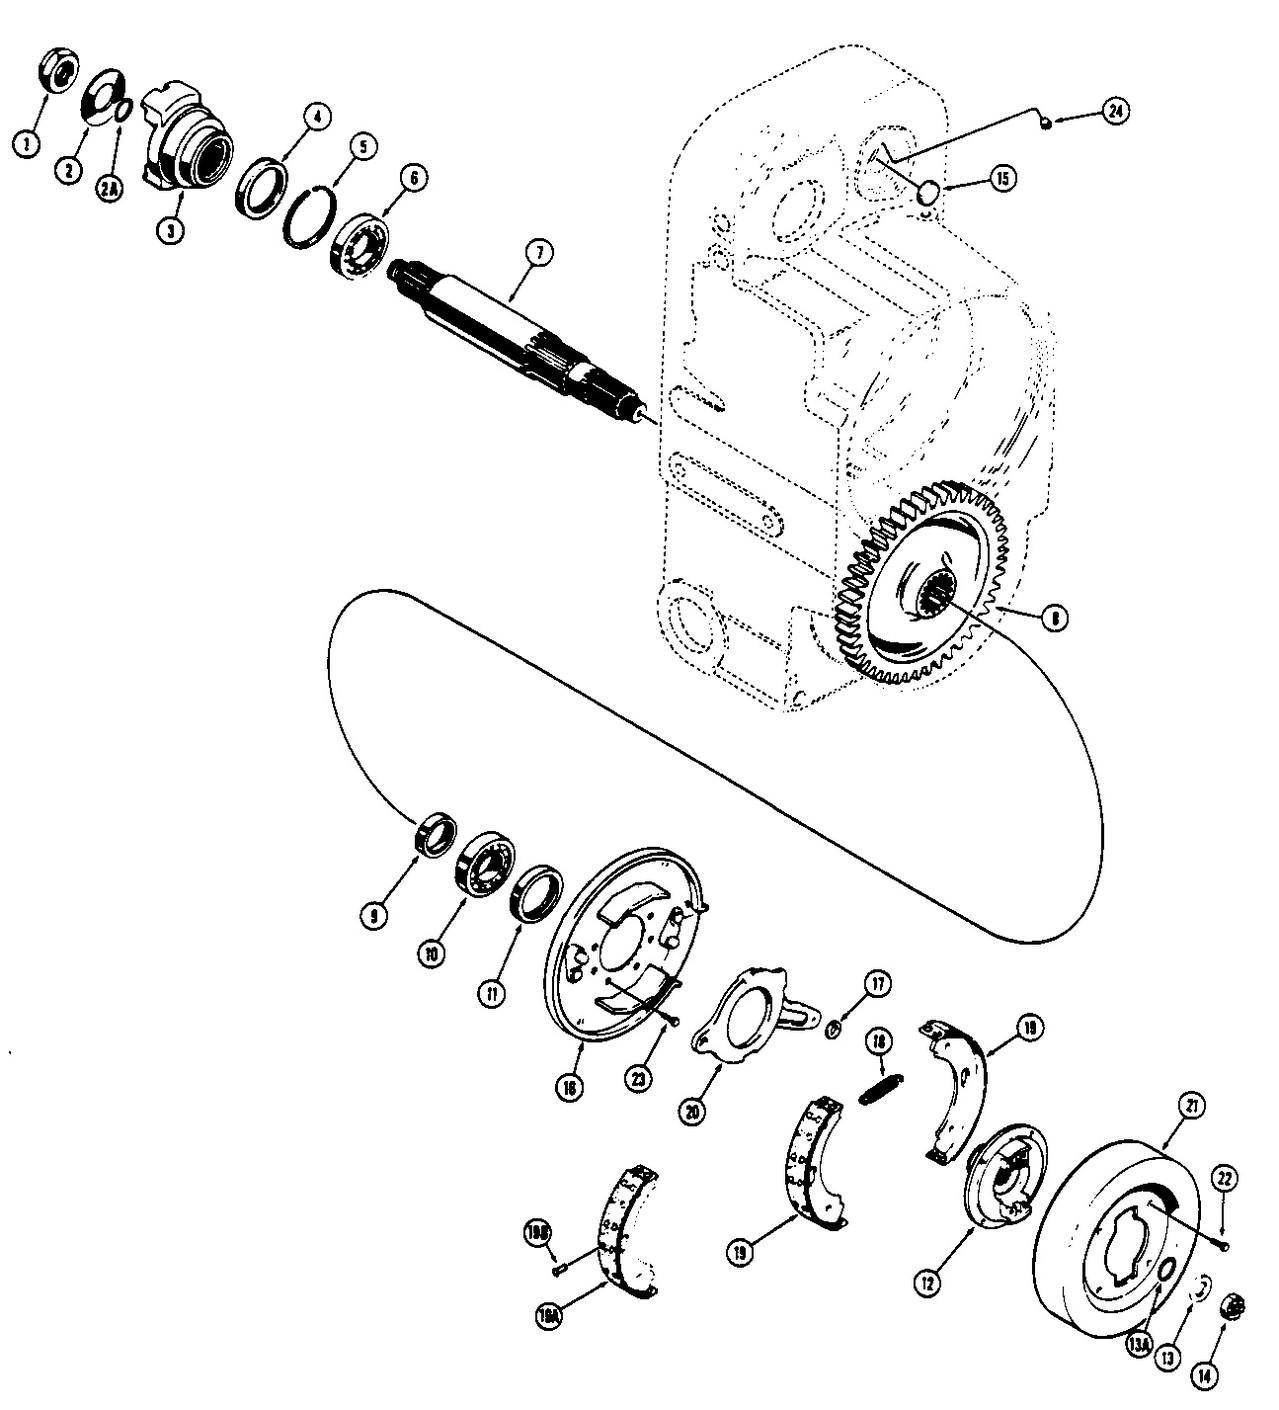 Case W30 Parts Les Machineries St Amant Inc